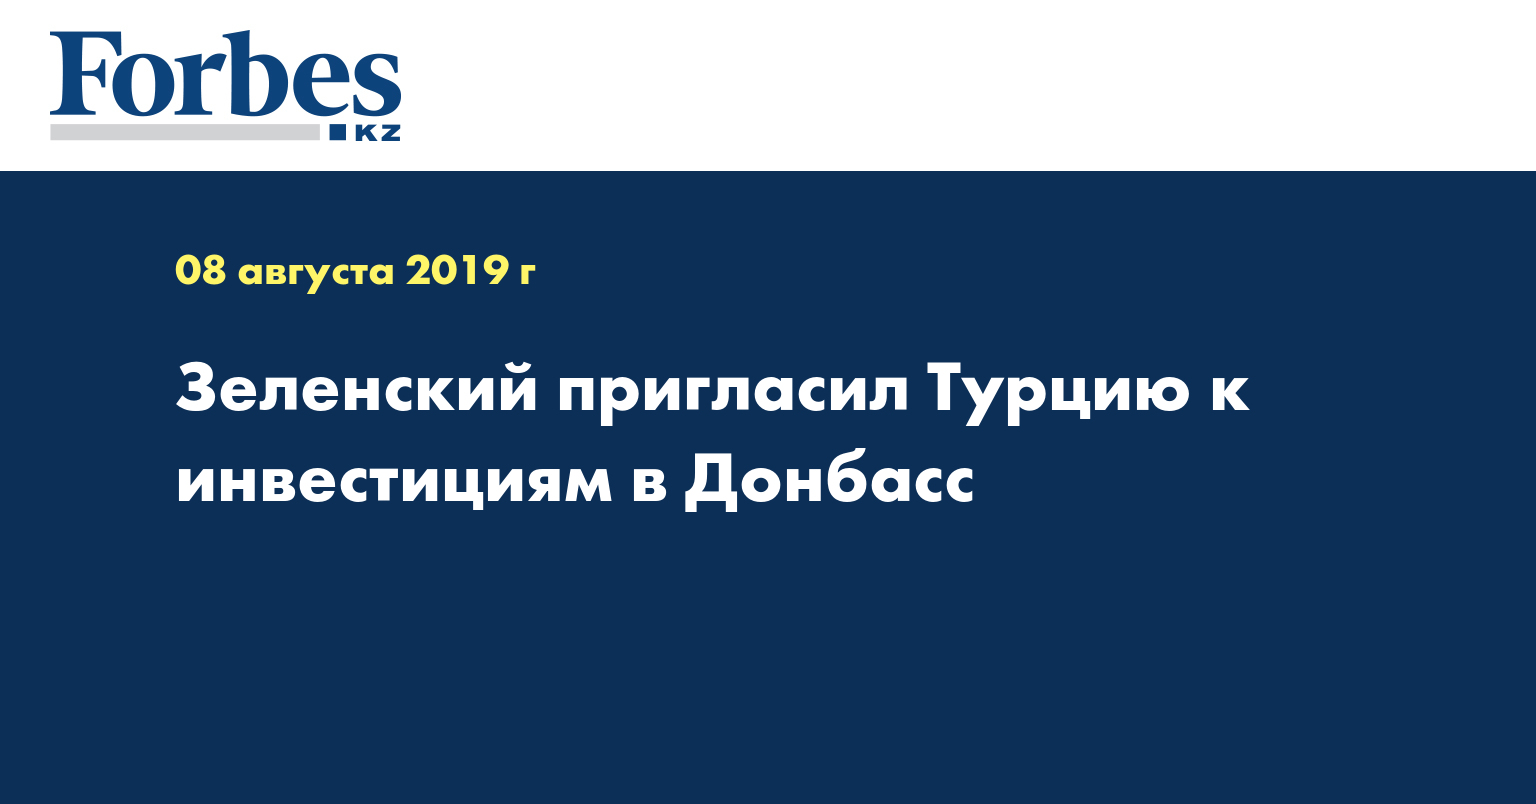 Зеленский пригласил Турцию к инвестициям в Донбасс